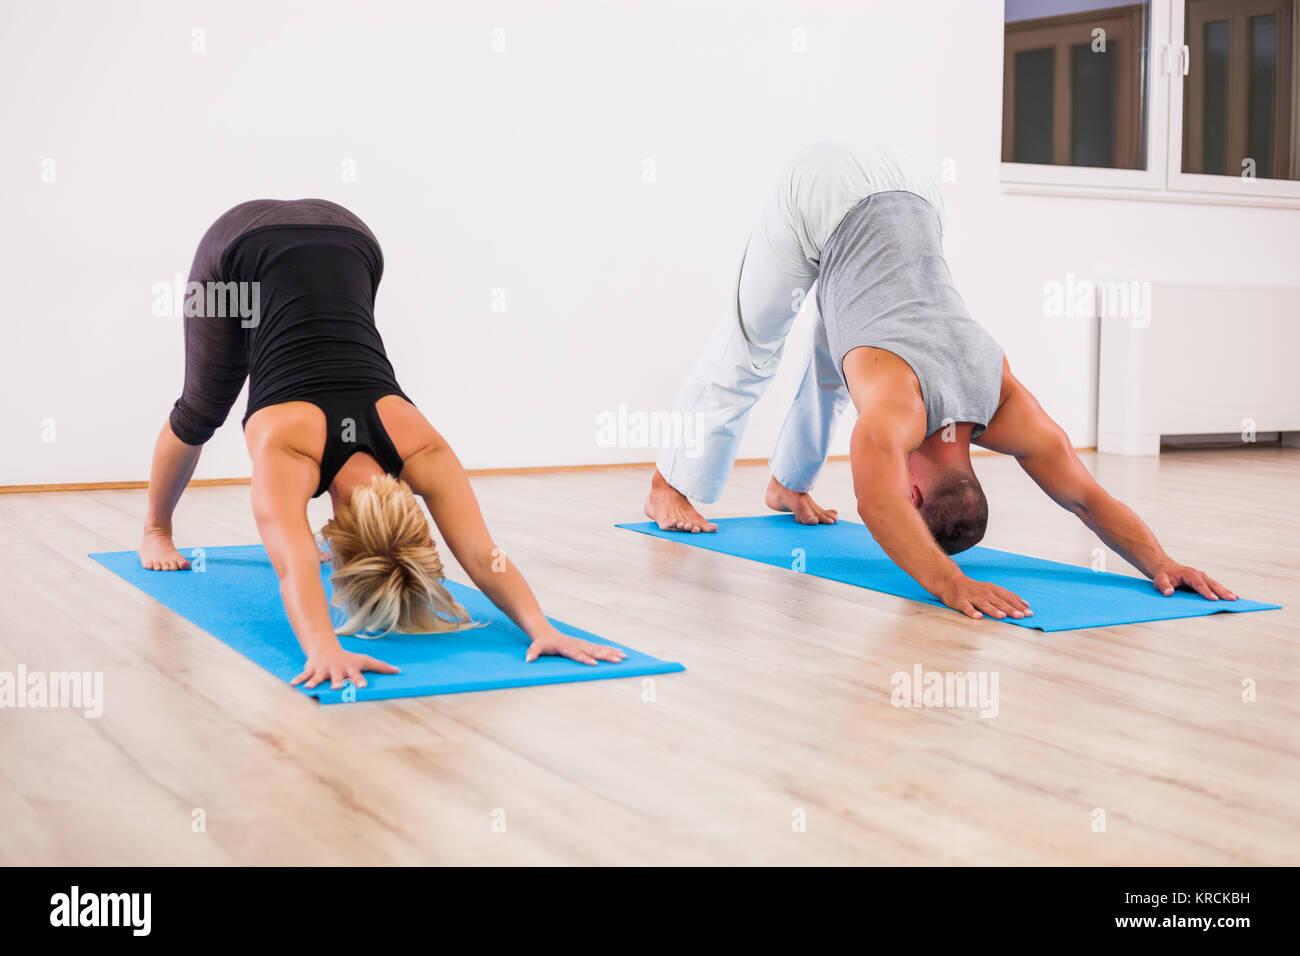 Adulto Uomo e donna la pratica dello yoga, Svanasana / cane verso il basso rappresentano Immagini Stock